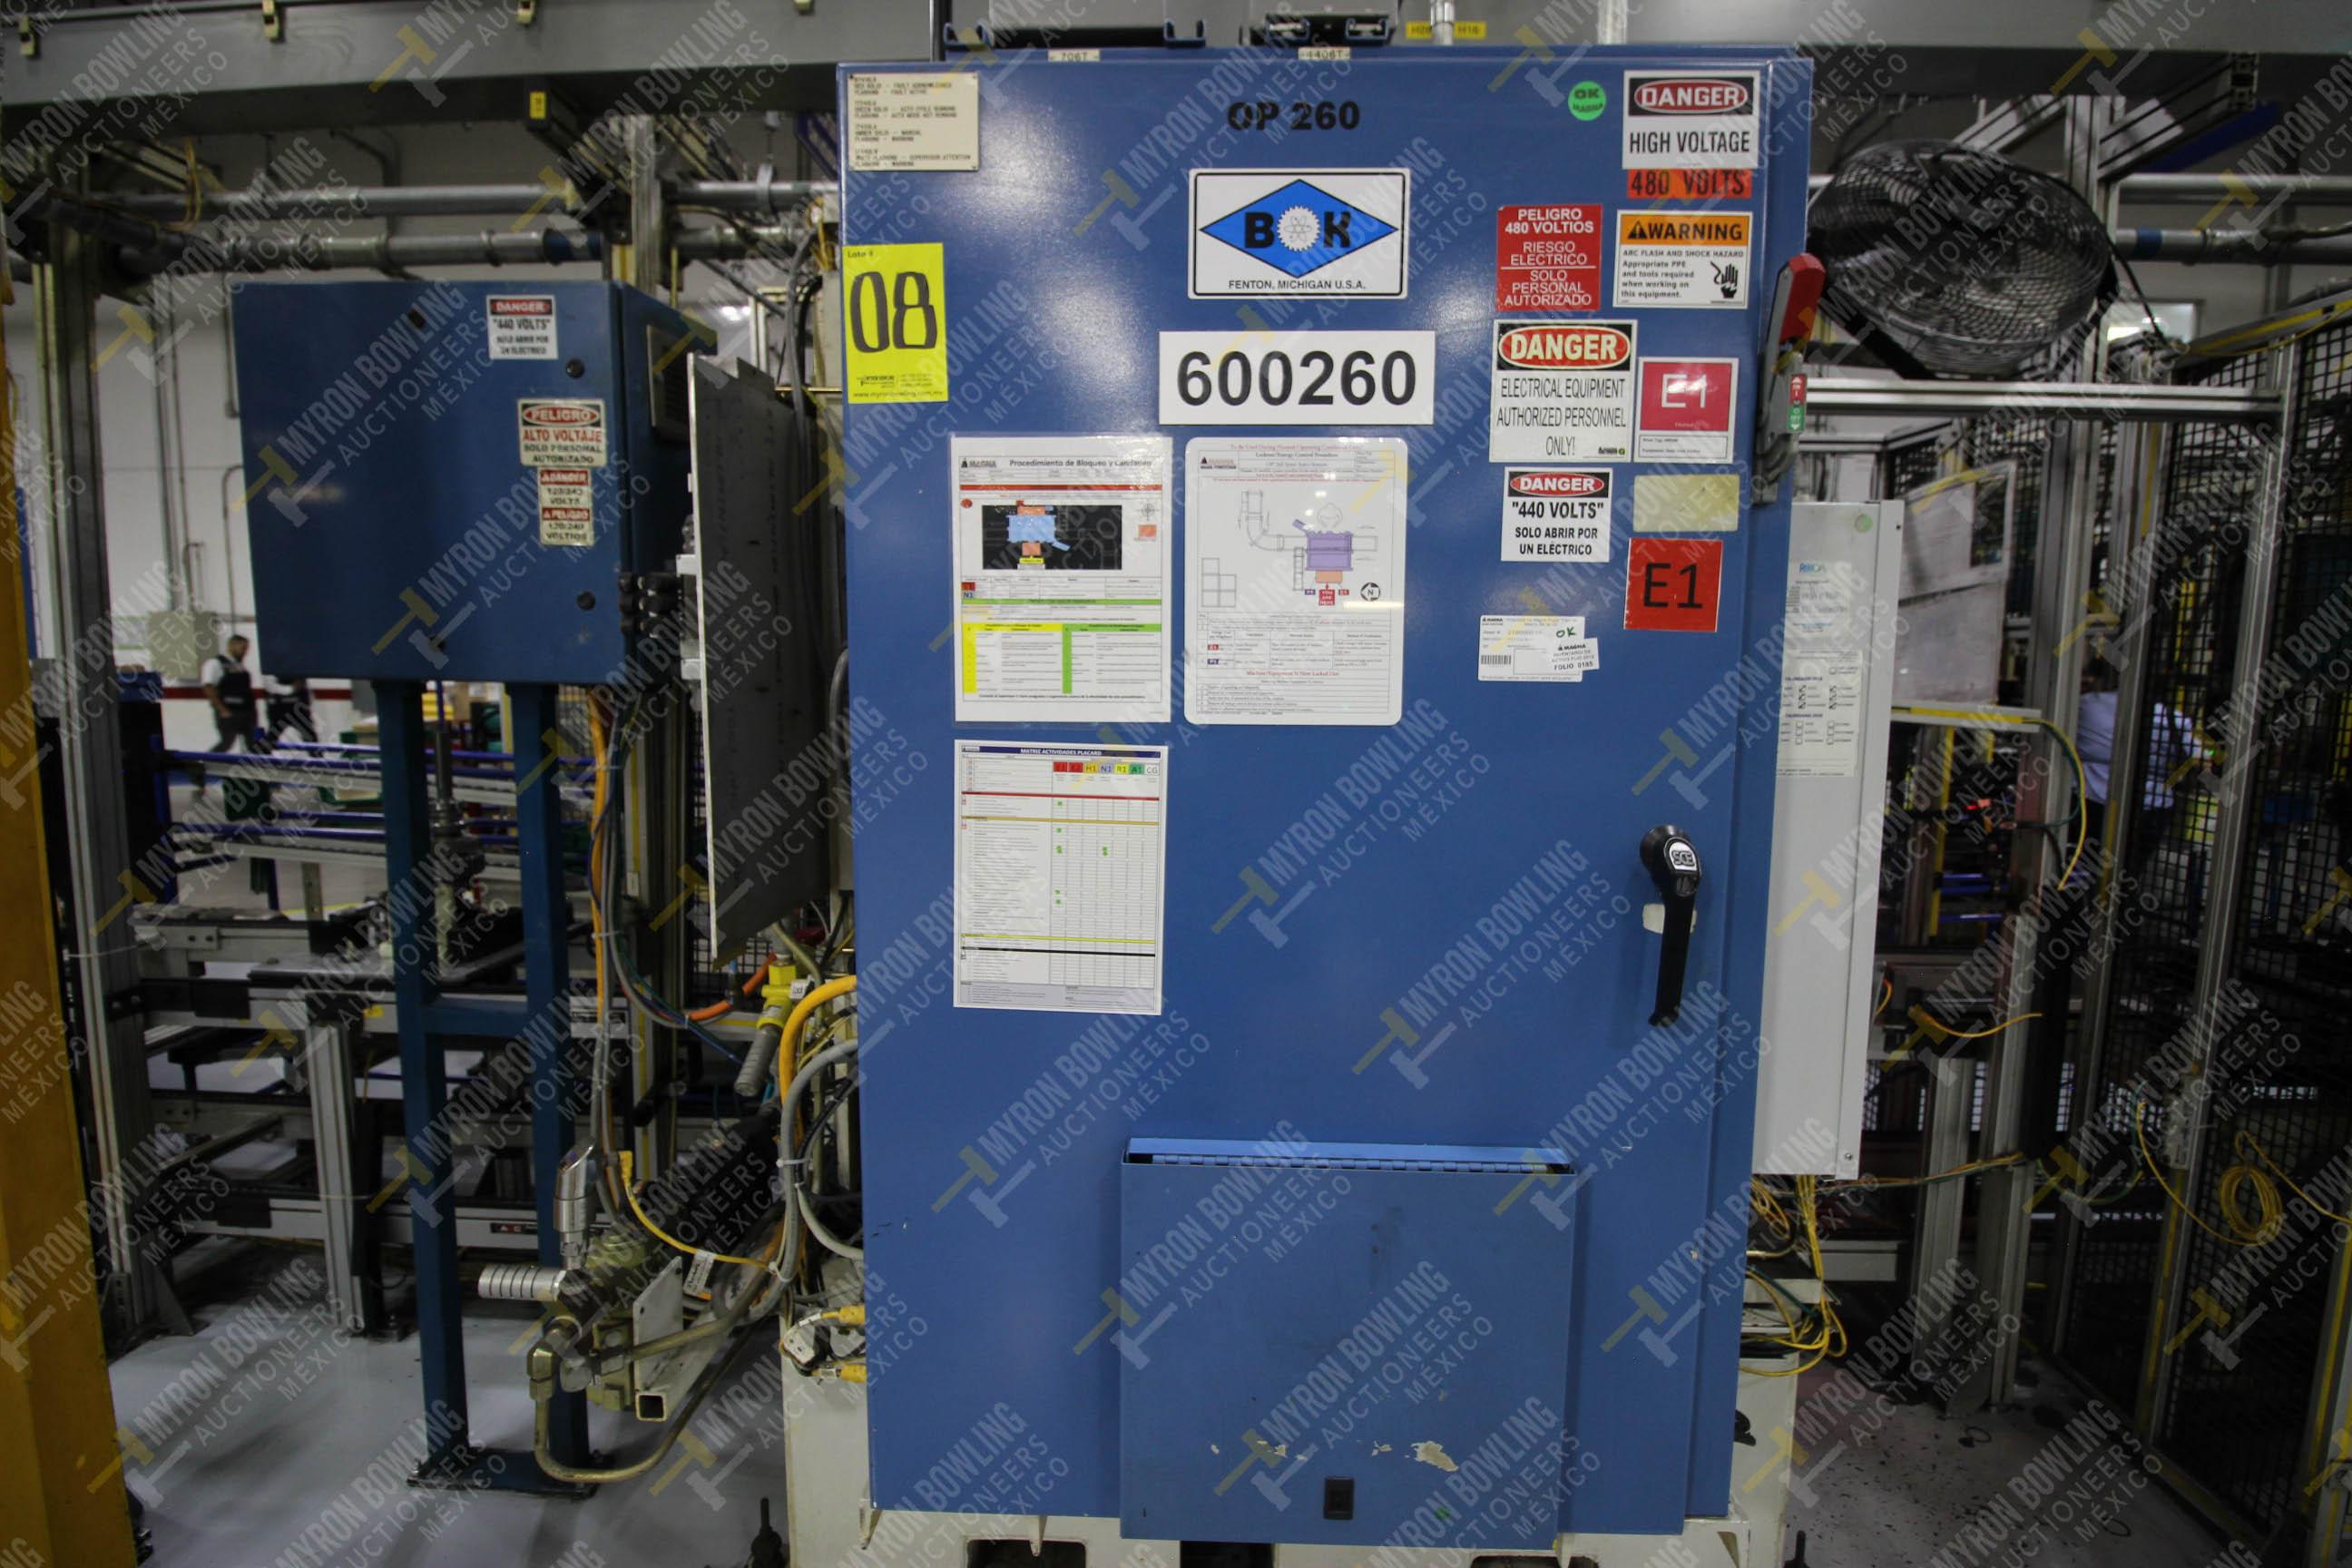 Estación semiautomática para operación 260 de ensamble - Image 17 of 20